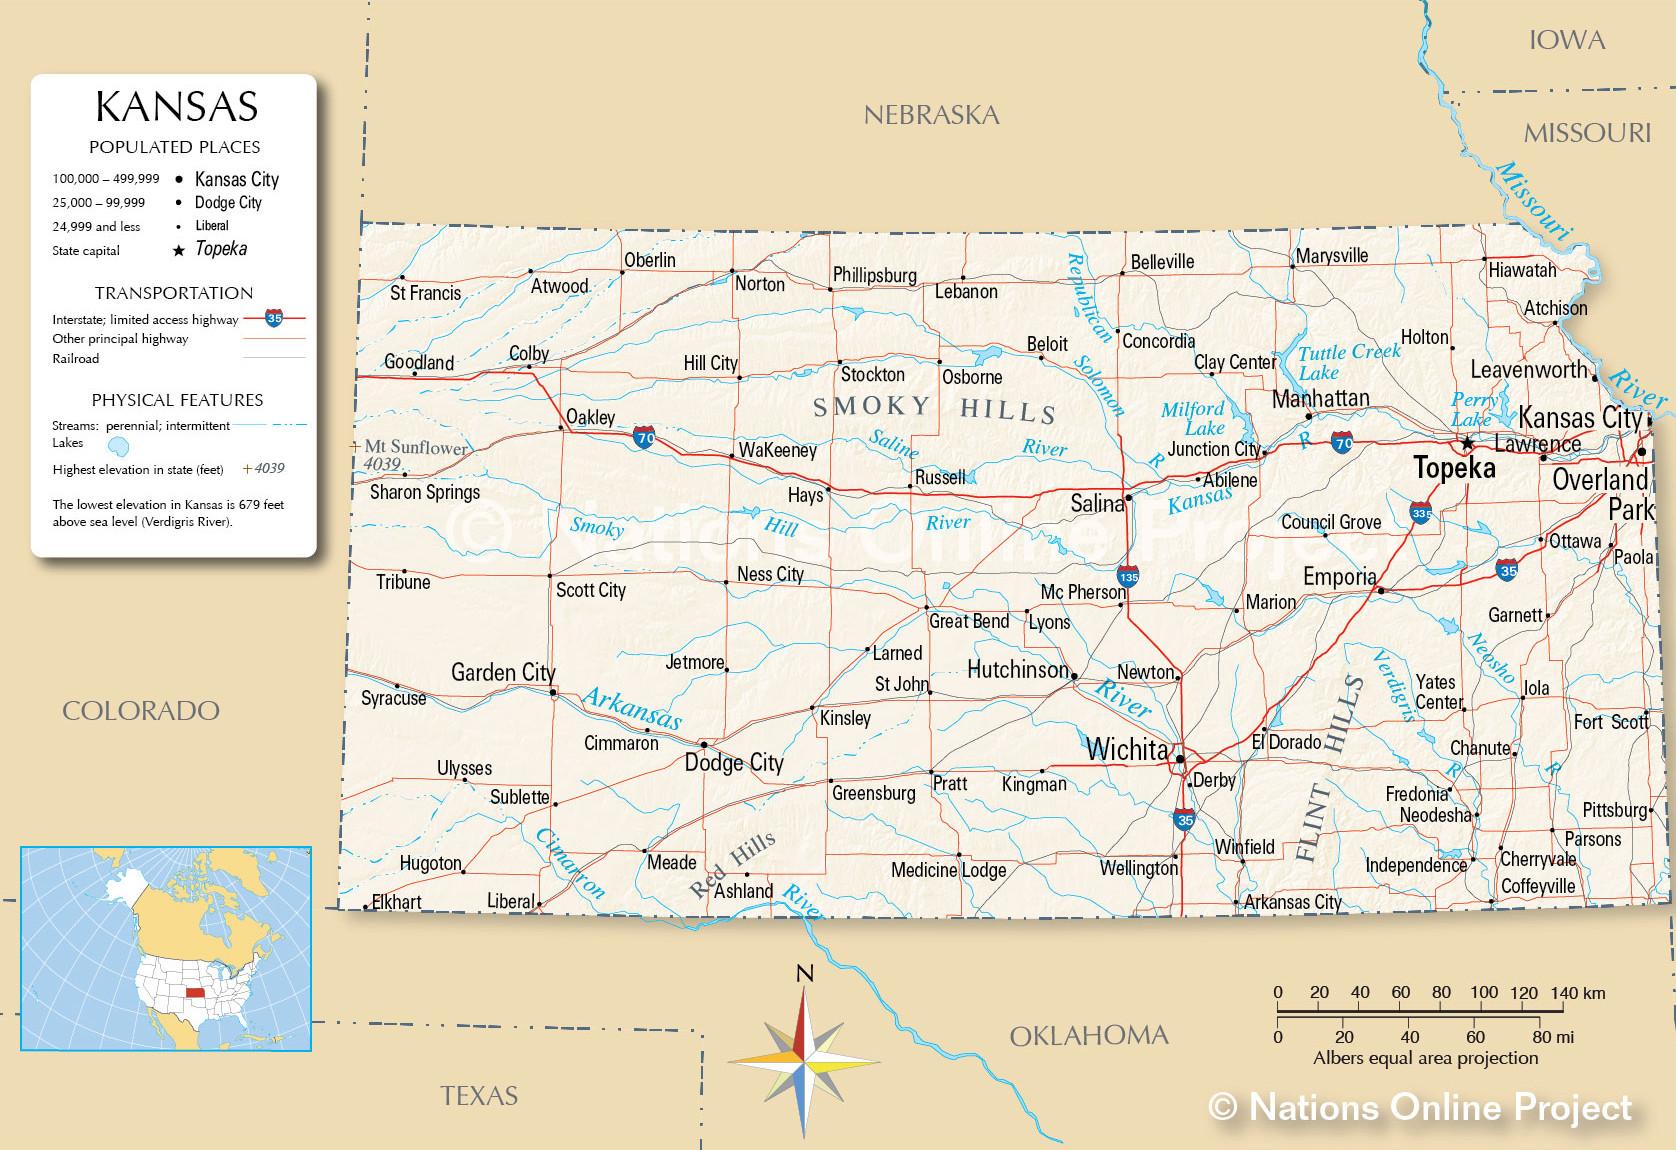 Kansas detailed map.